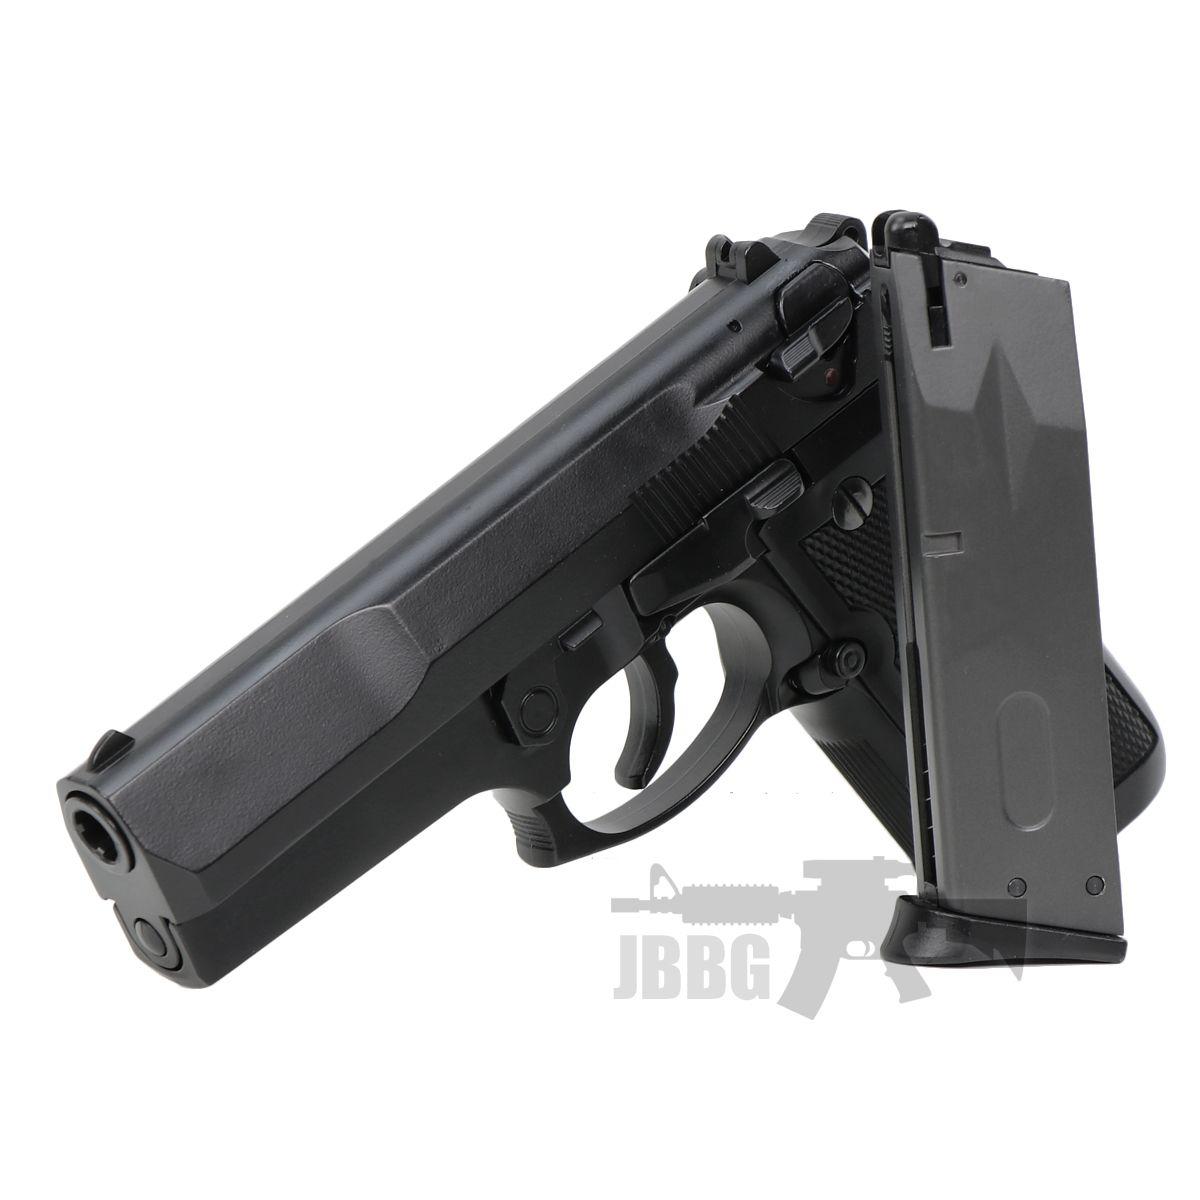 hg160 semi auto airsoft pistol 6